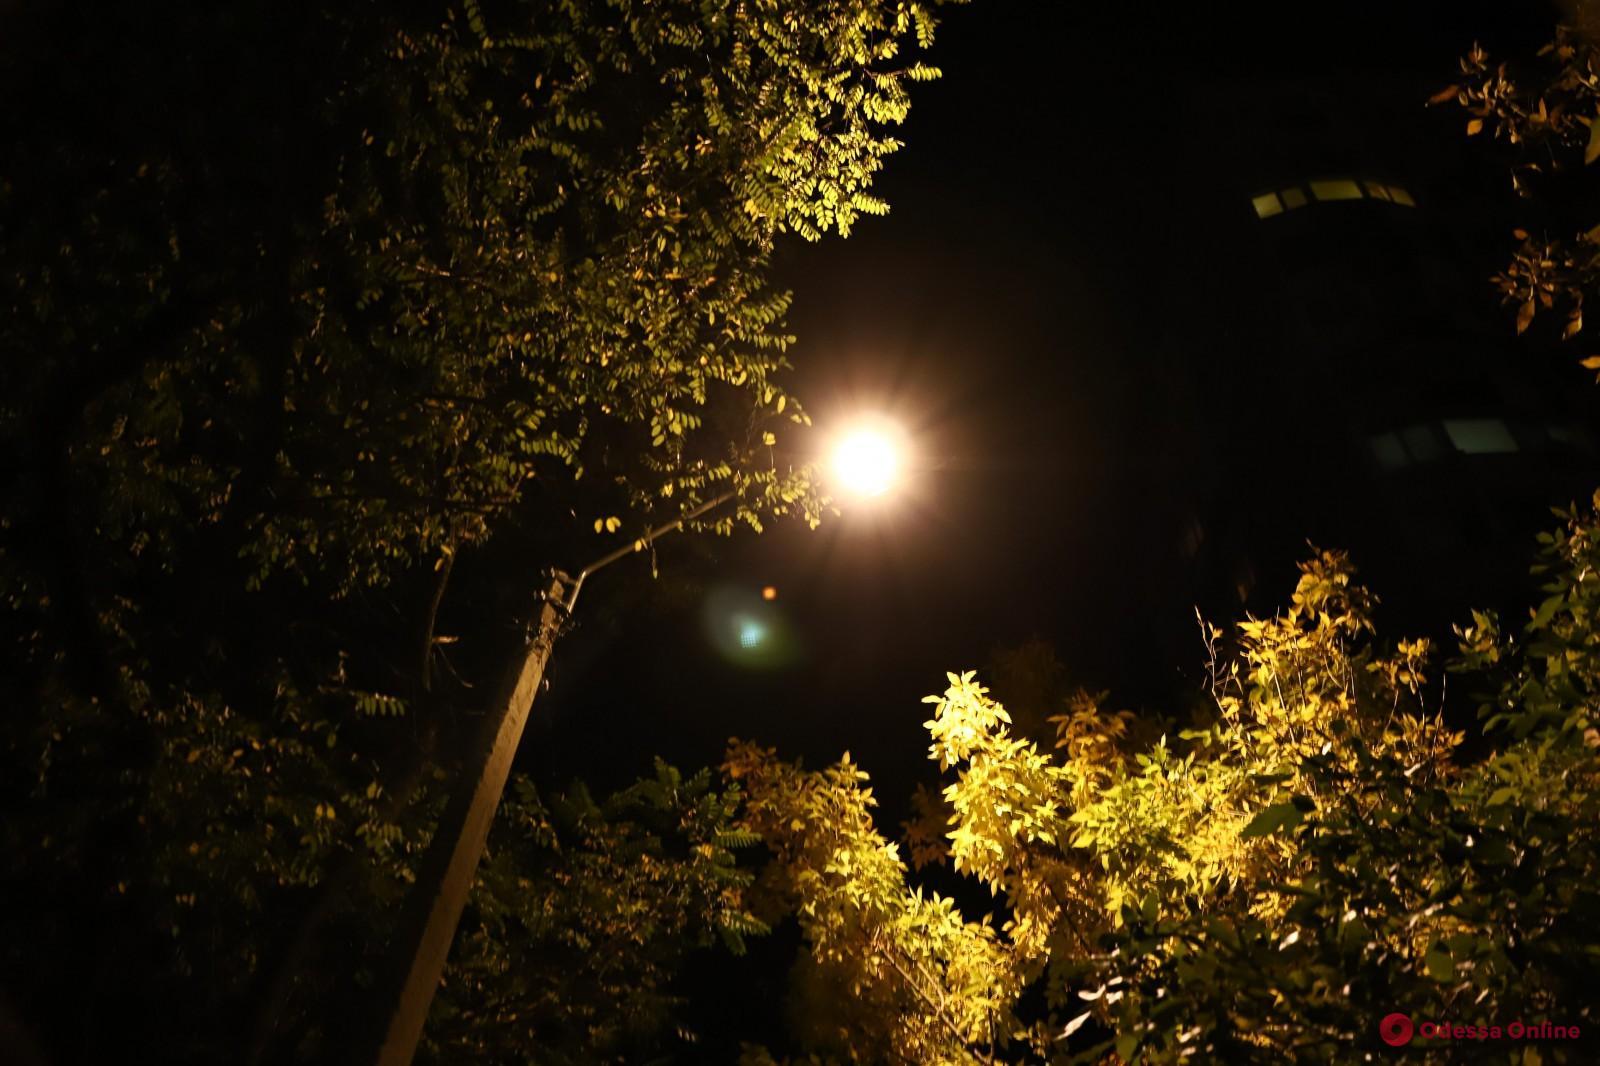 Мэр Одессы прогулялся вечером по поселку Котовского и проверил работу нового светодиодного освещения